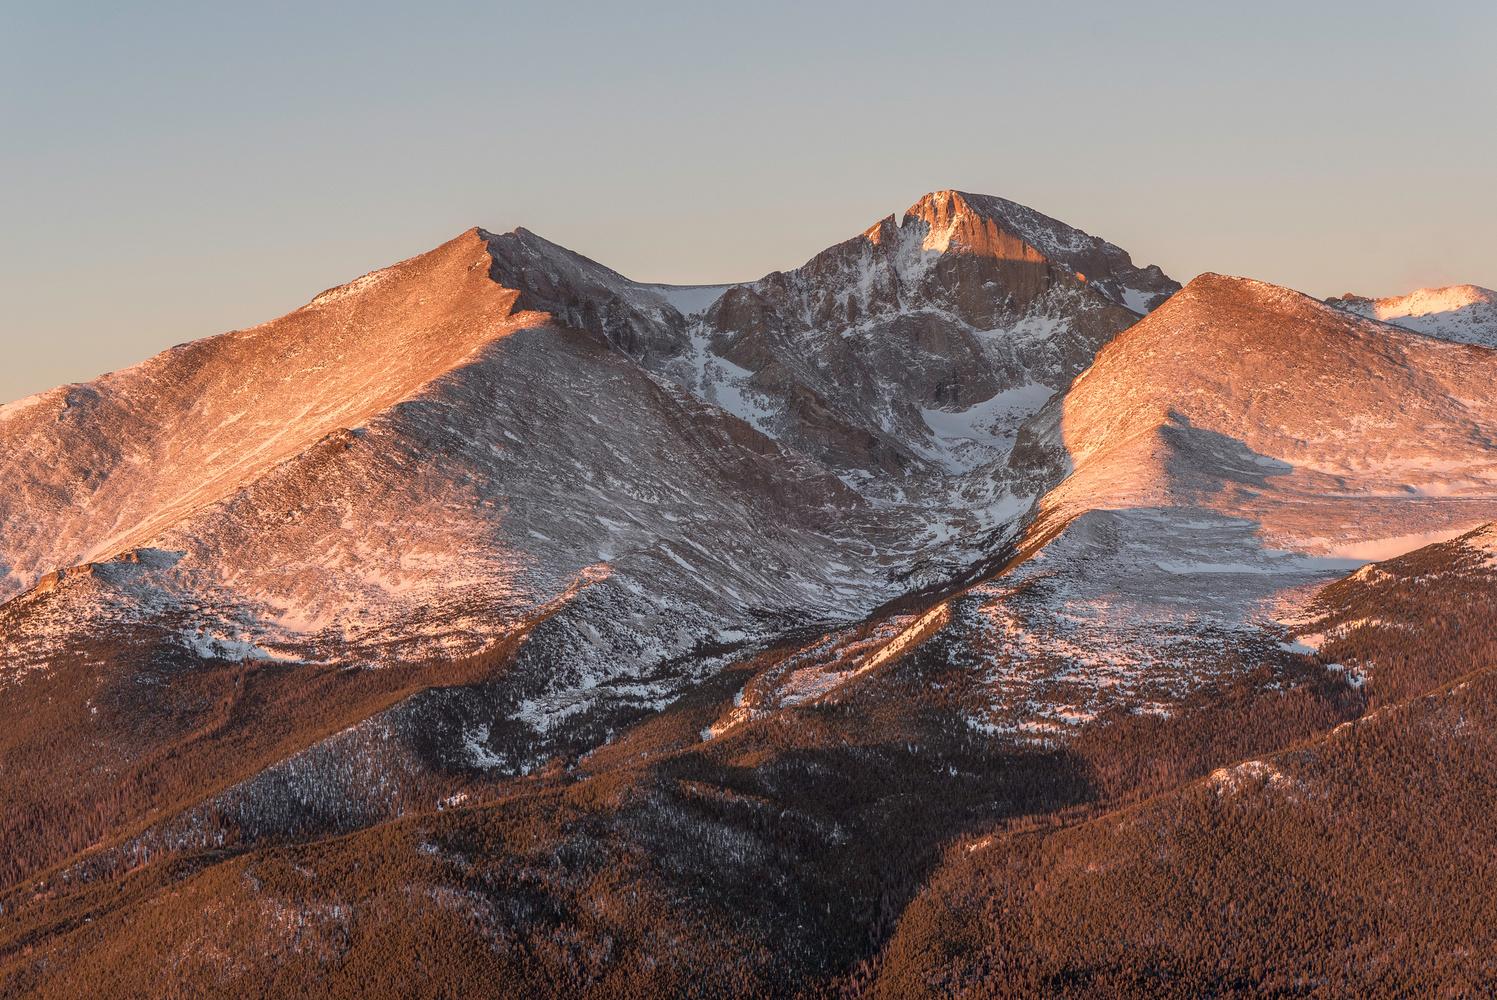 Longs Peak, Colorado by Dave Spates